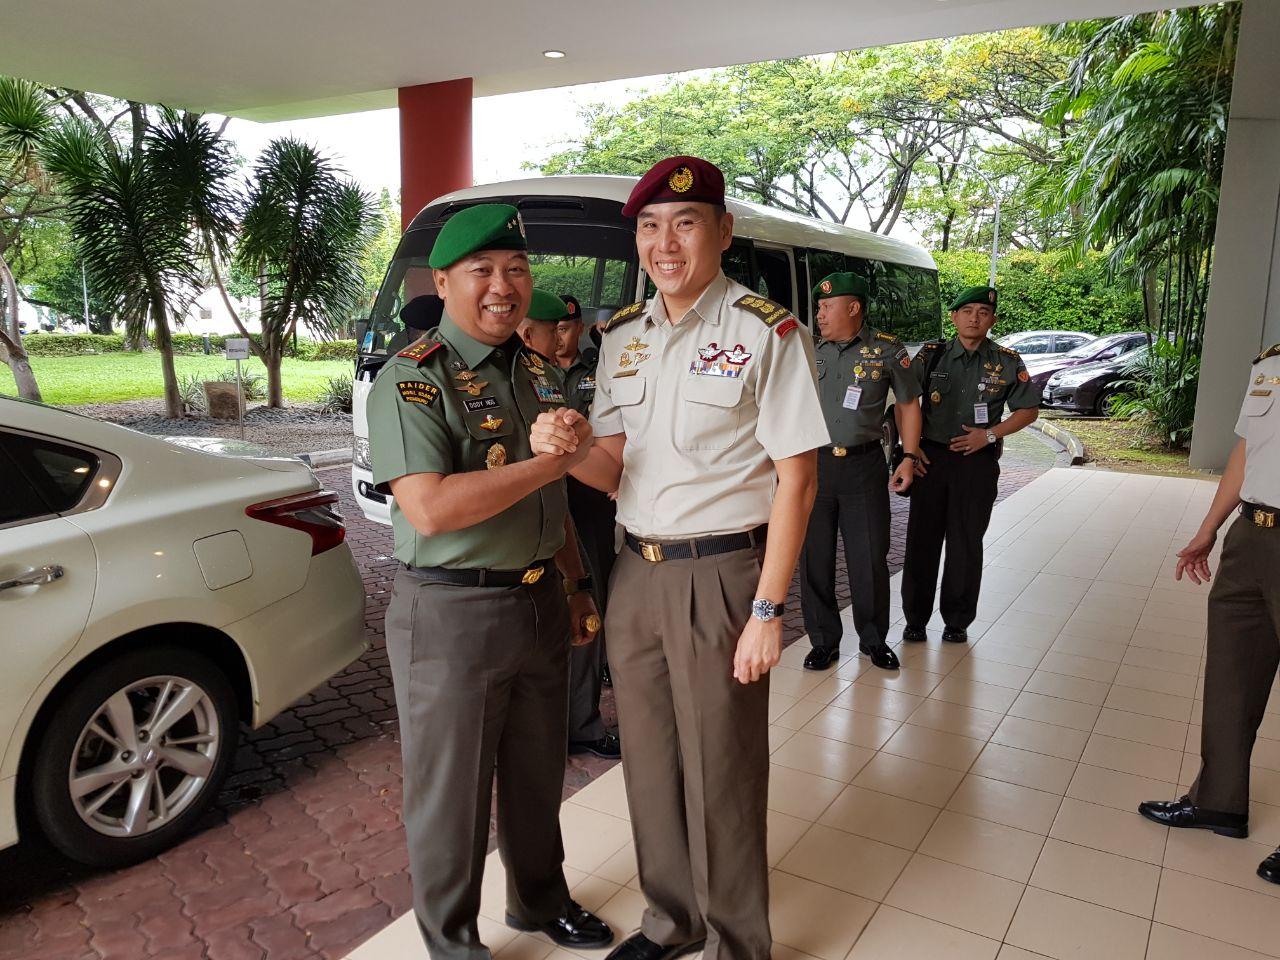 Mayjen TNI Dody Usodo Hargo (kiri) semasa menjabat Komandan Seskoad